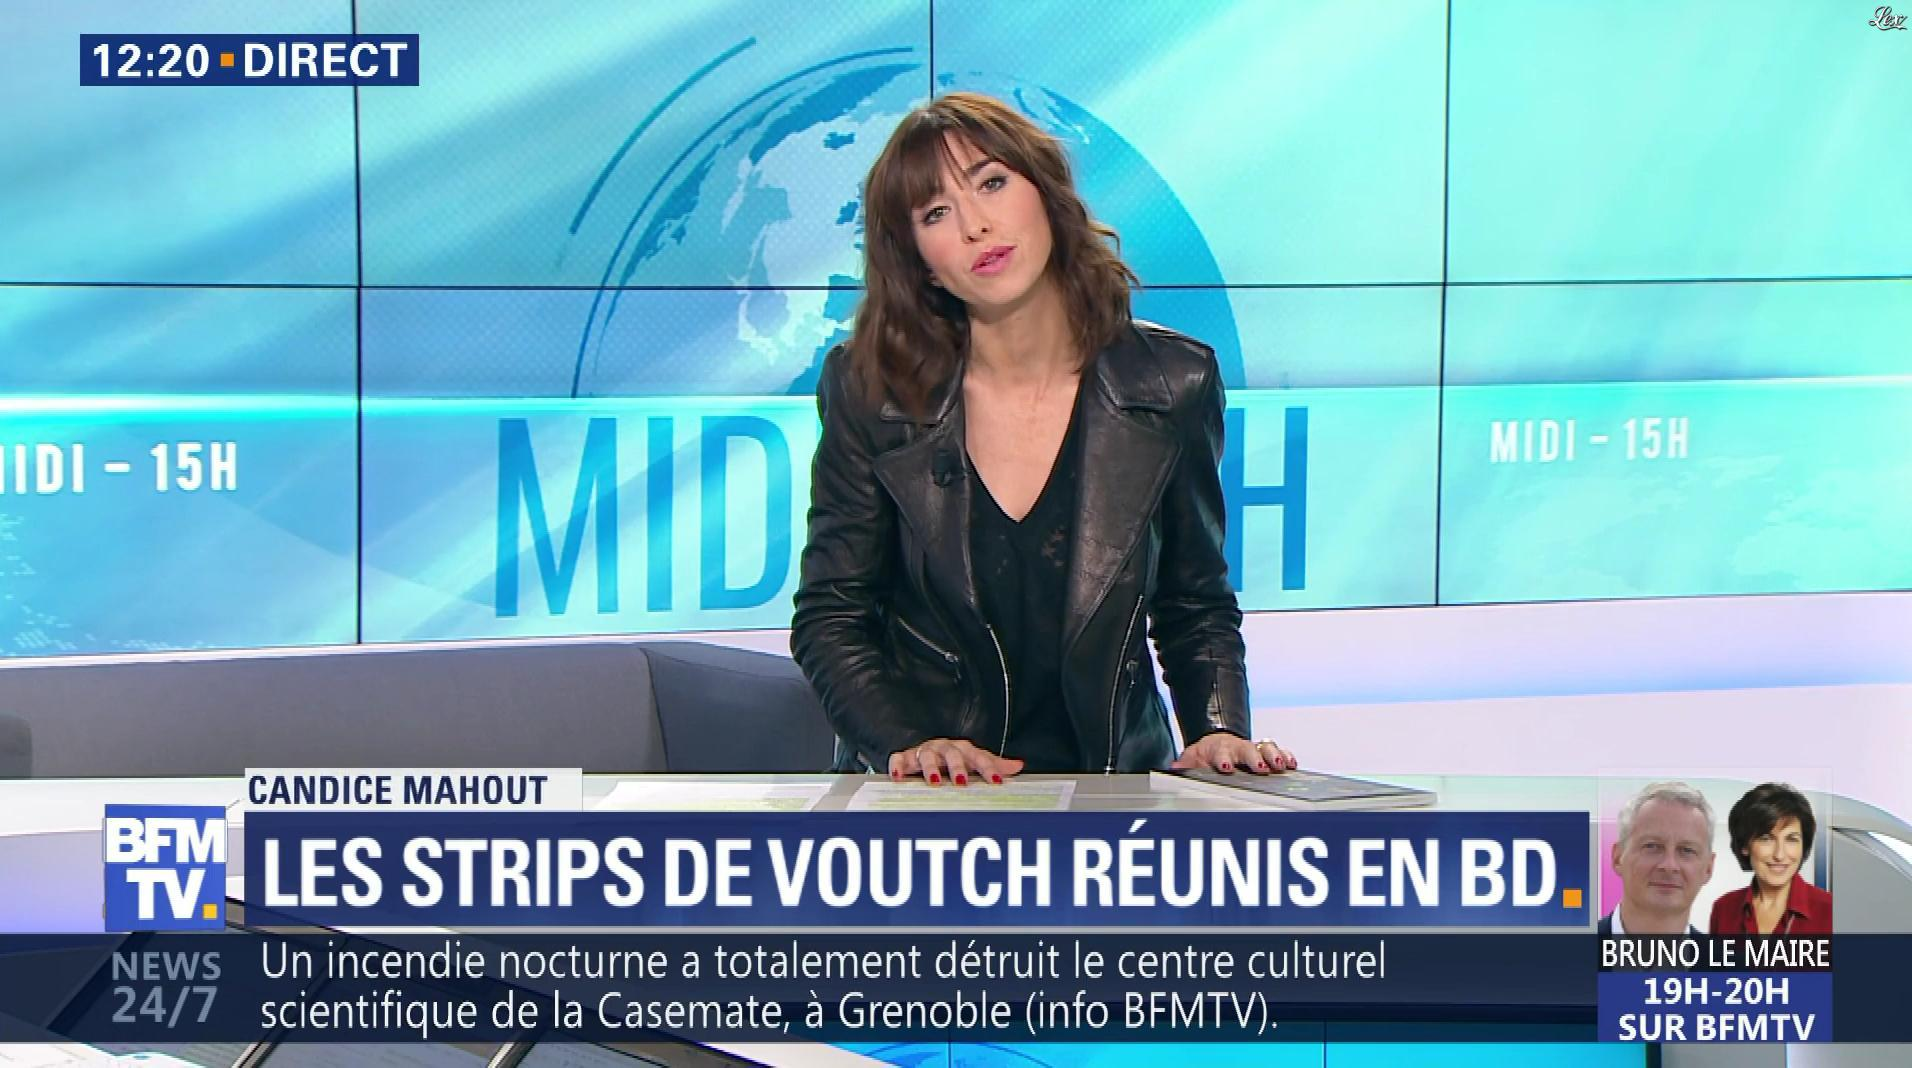 Candice Mahout dans le Midi-15h. Diffusé à la télévision le 21/11/17.